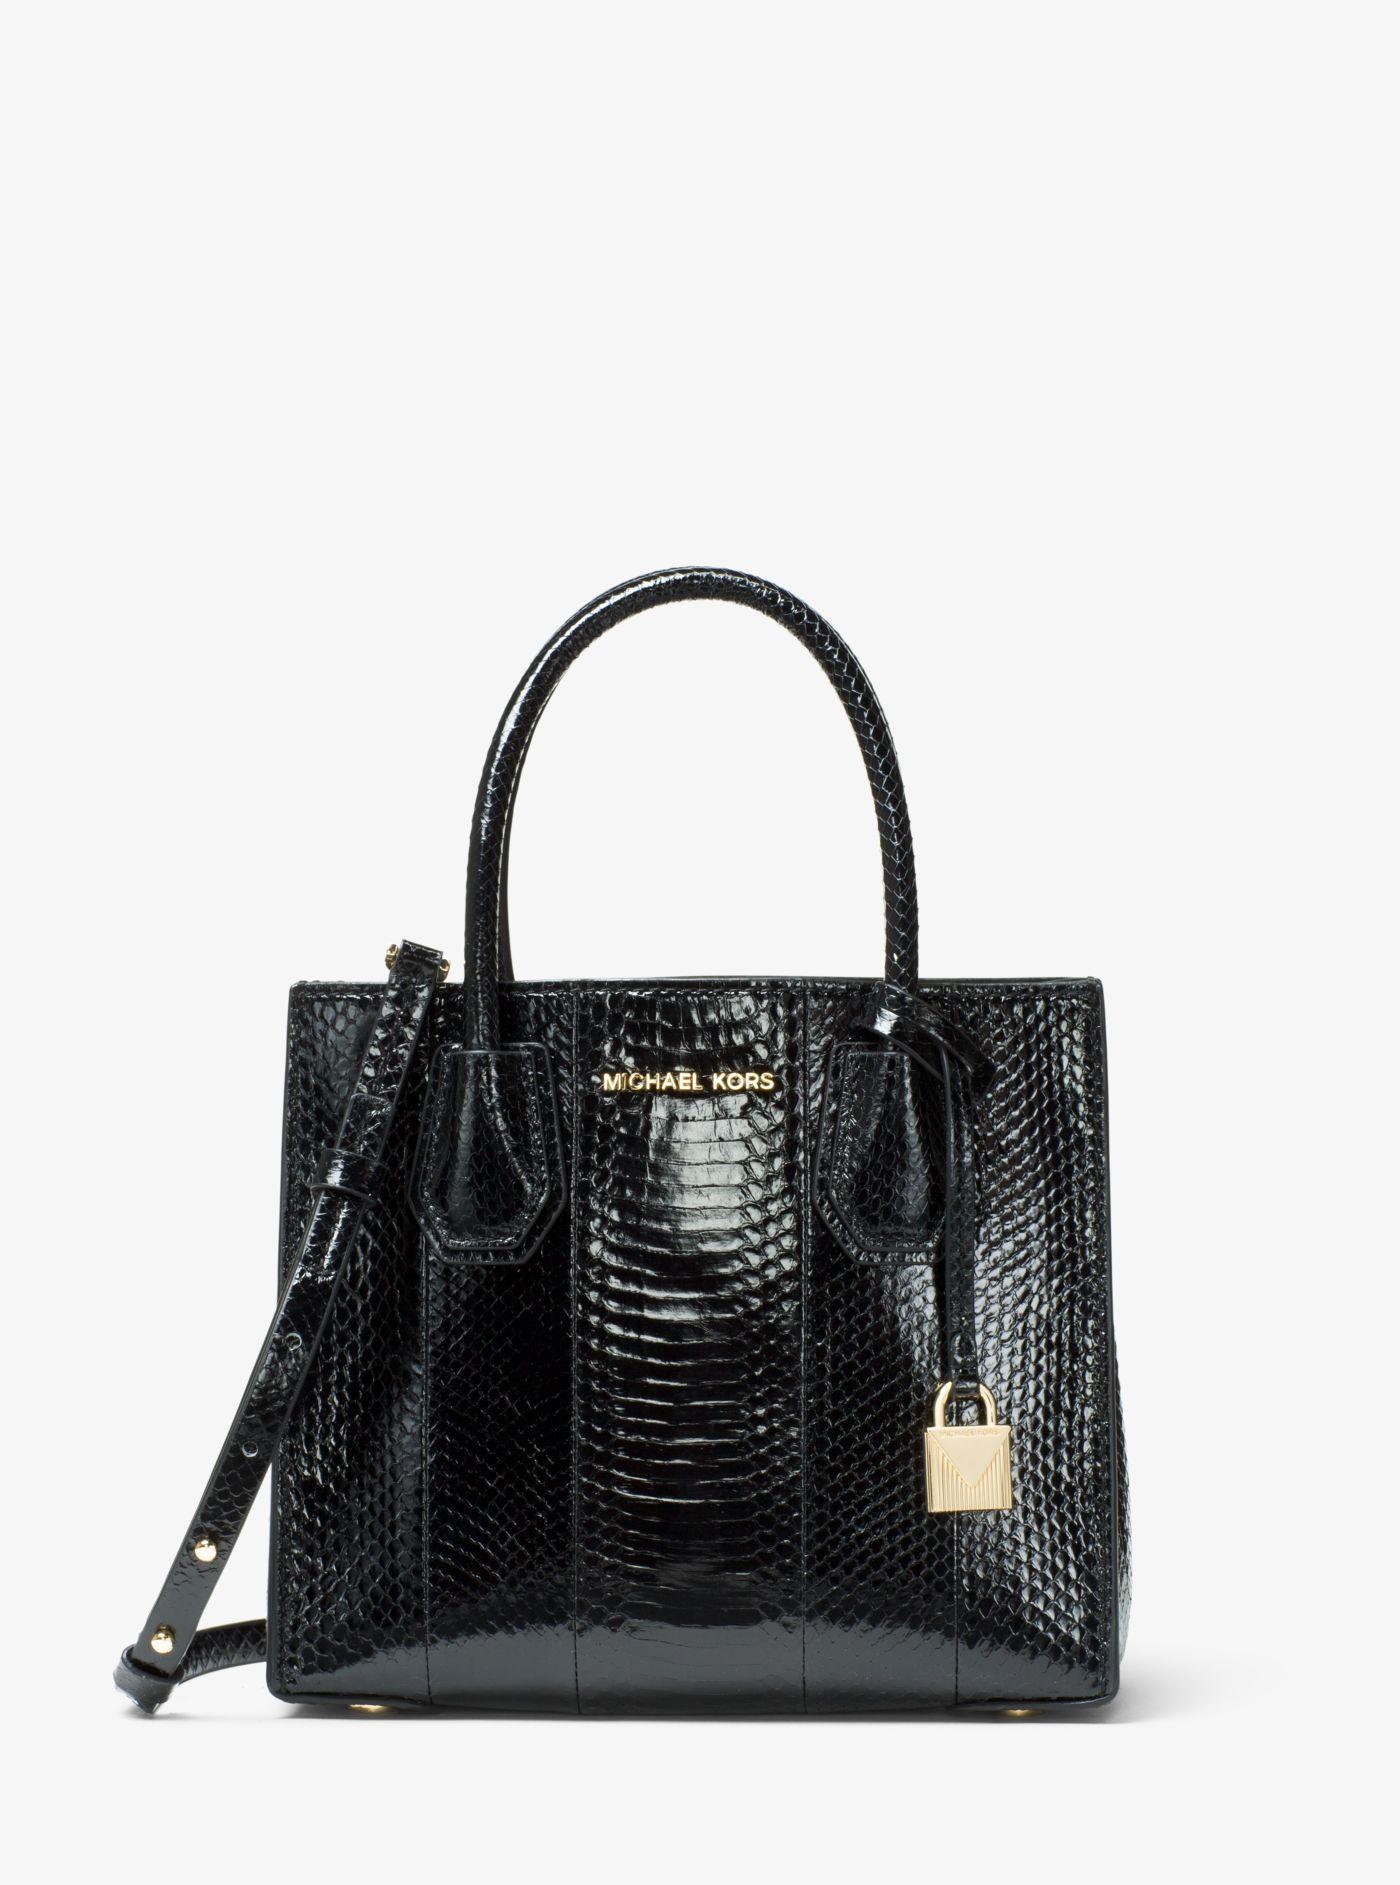 10220e1a85cd Michael Kors Mercer Medium Snakeskin Crossbody Bag in Black - Lyst